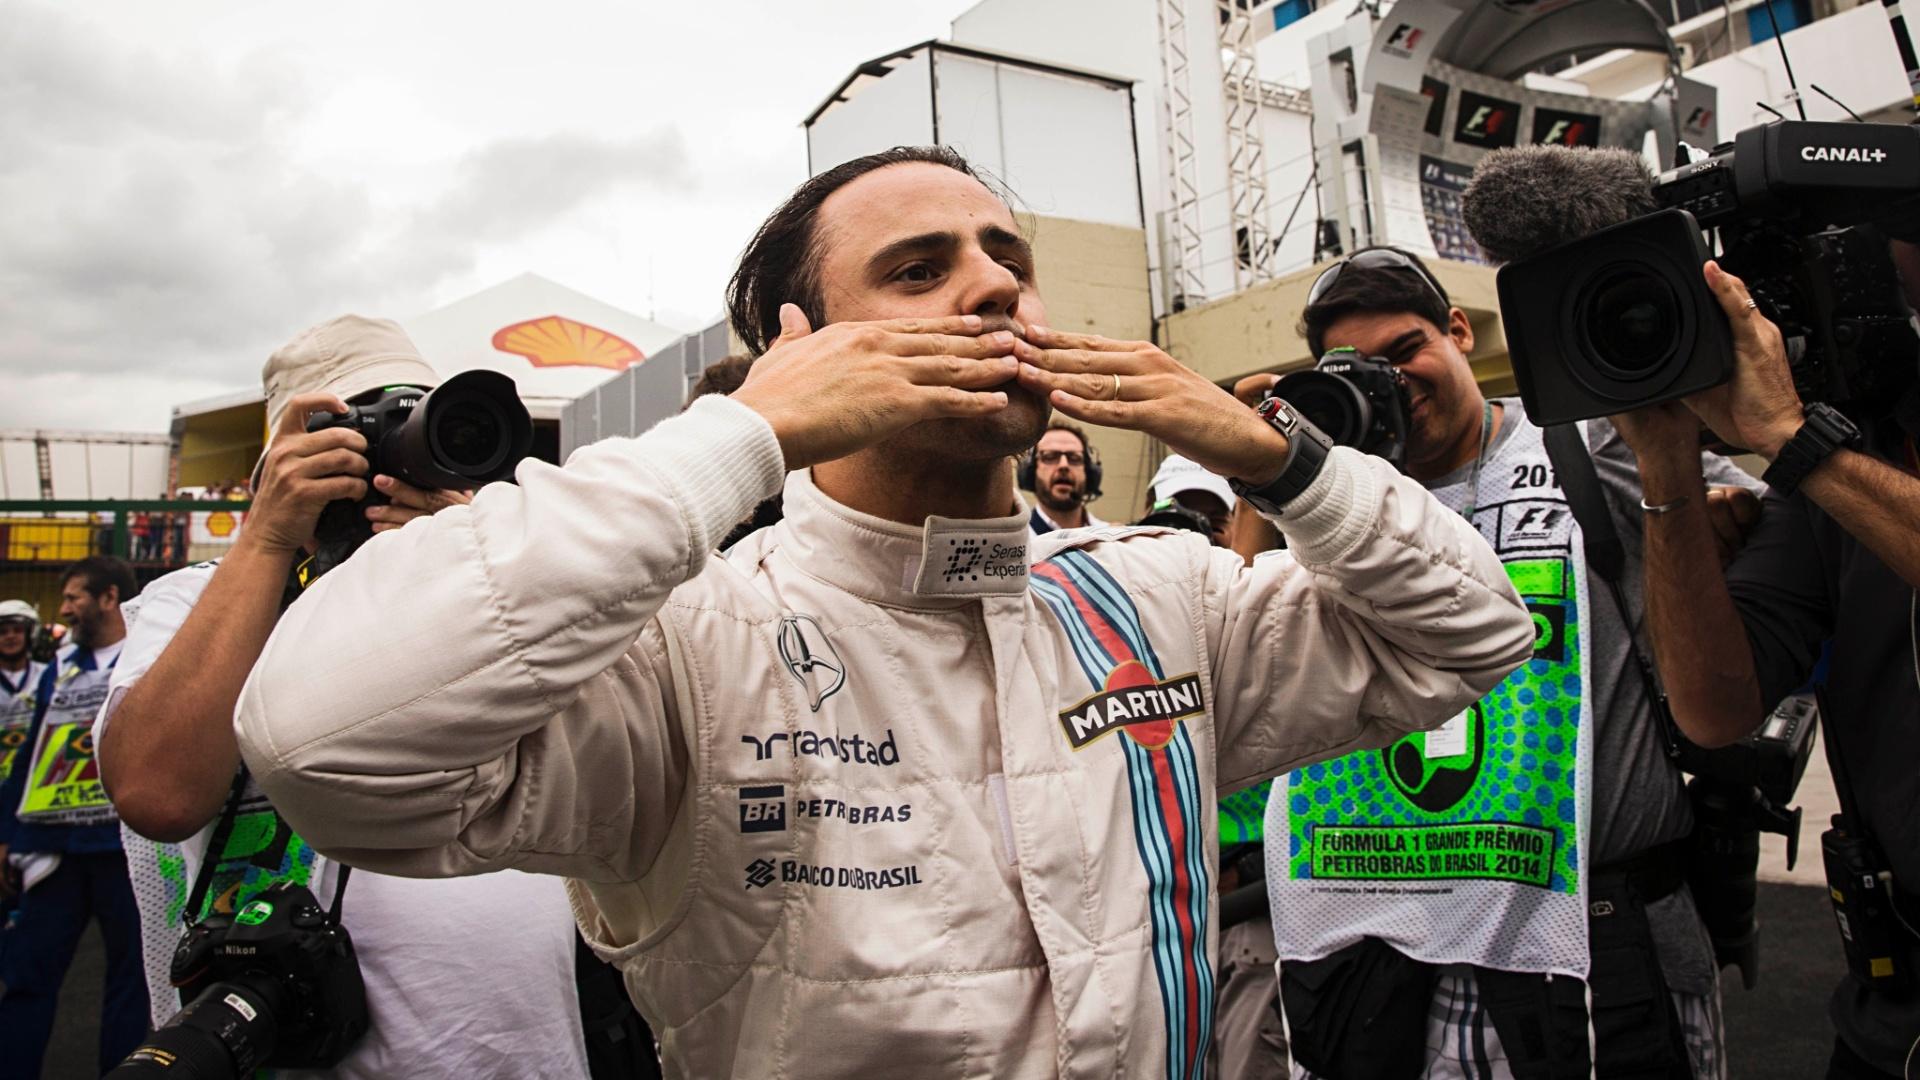 Felipe Massa manda beijos para o público de Interlagos depois do treino de classificação neste sábado, no qual teve bom desempenho e garantiu o terceiro lugar no grid de largada